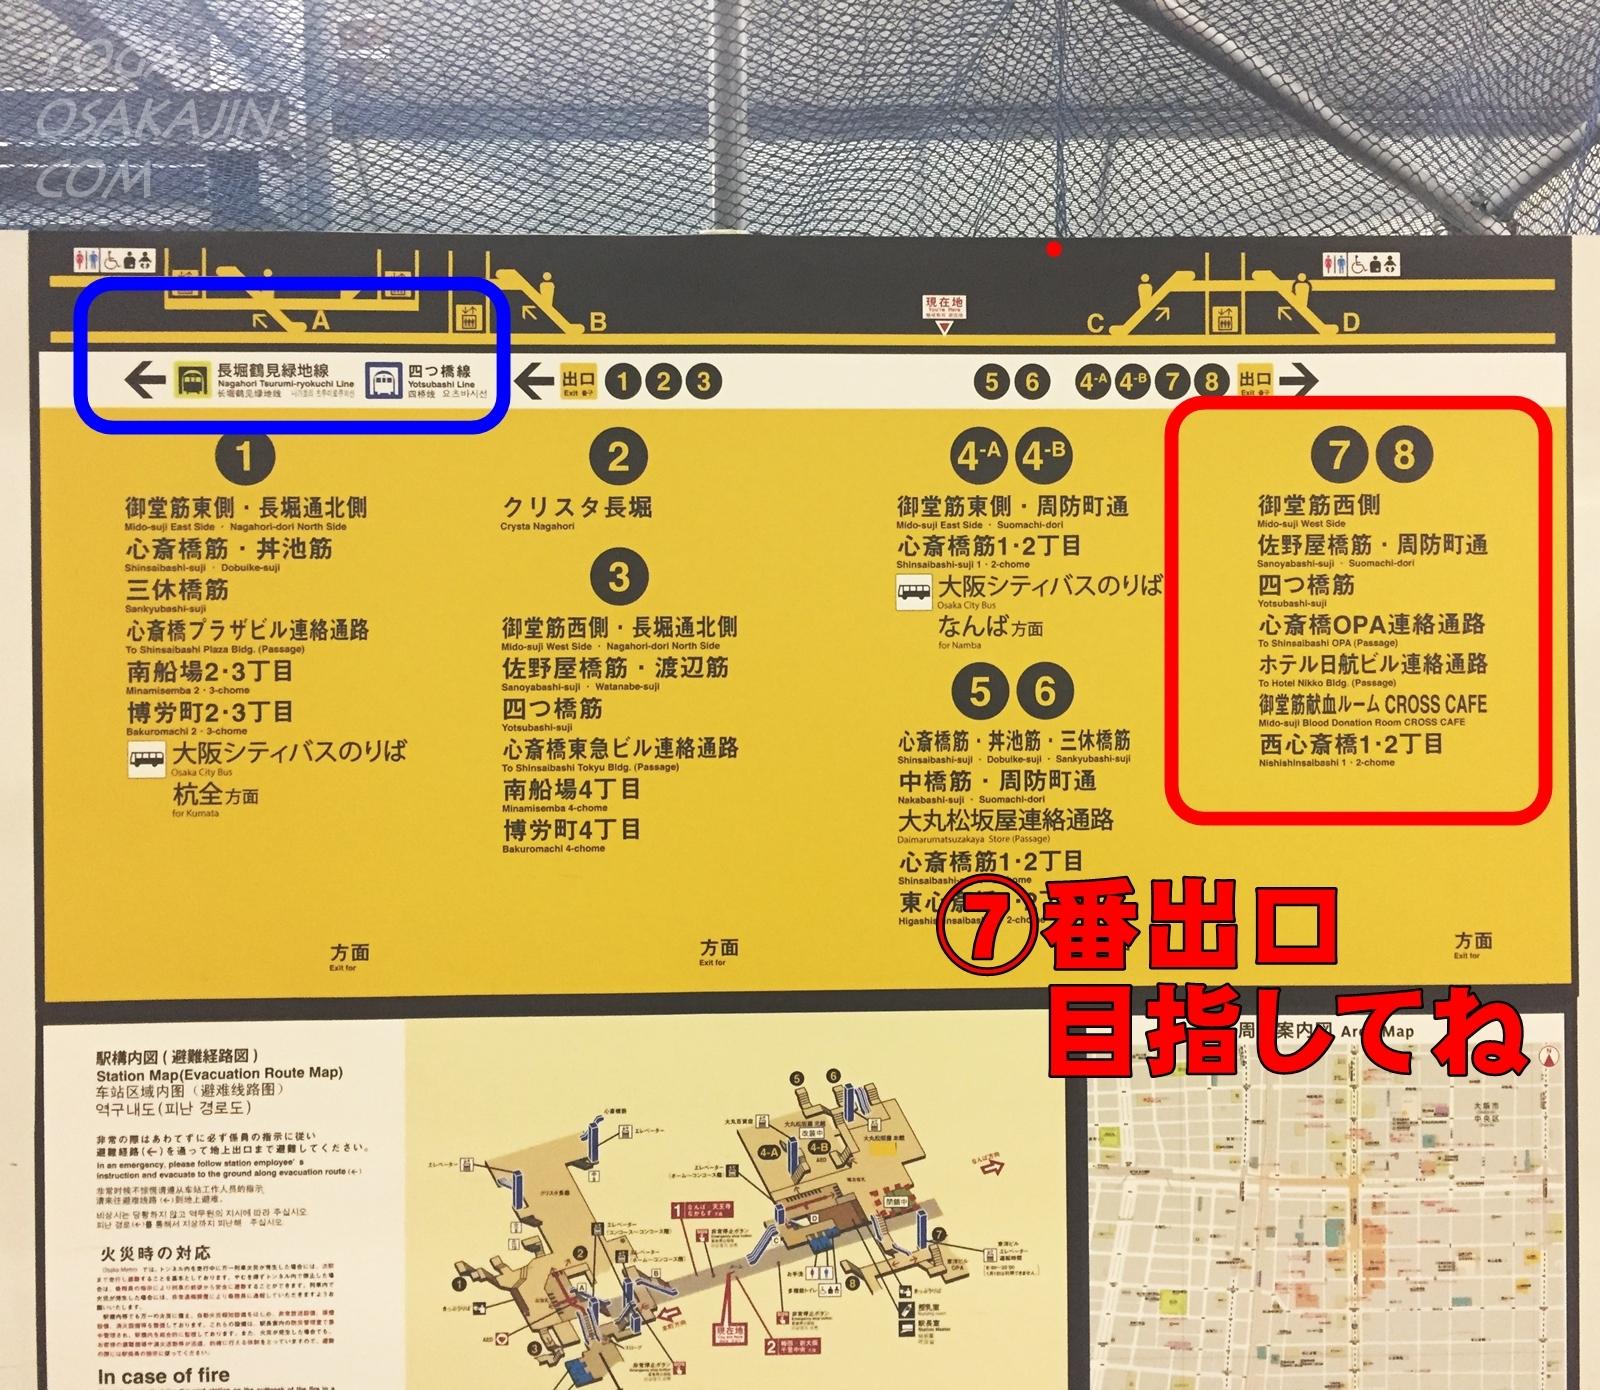 大阪 心斎橋駅の案内看板 (1)